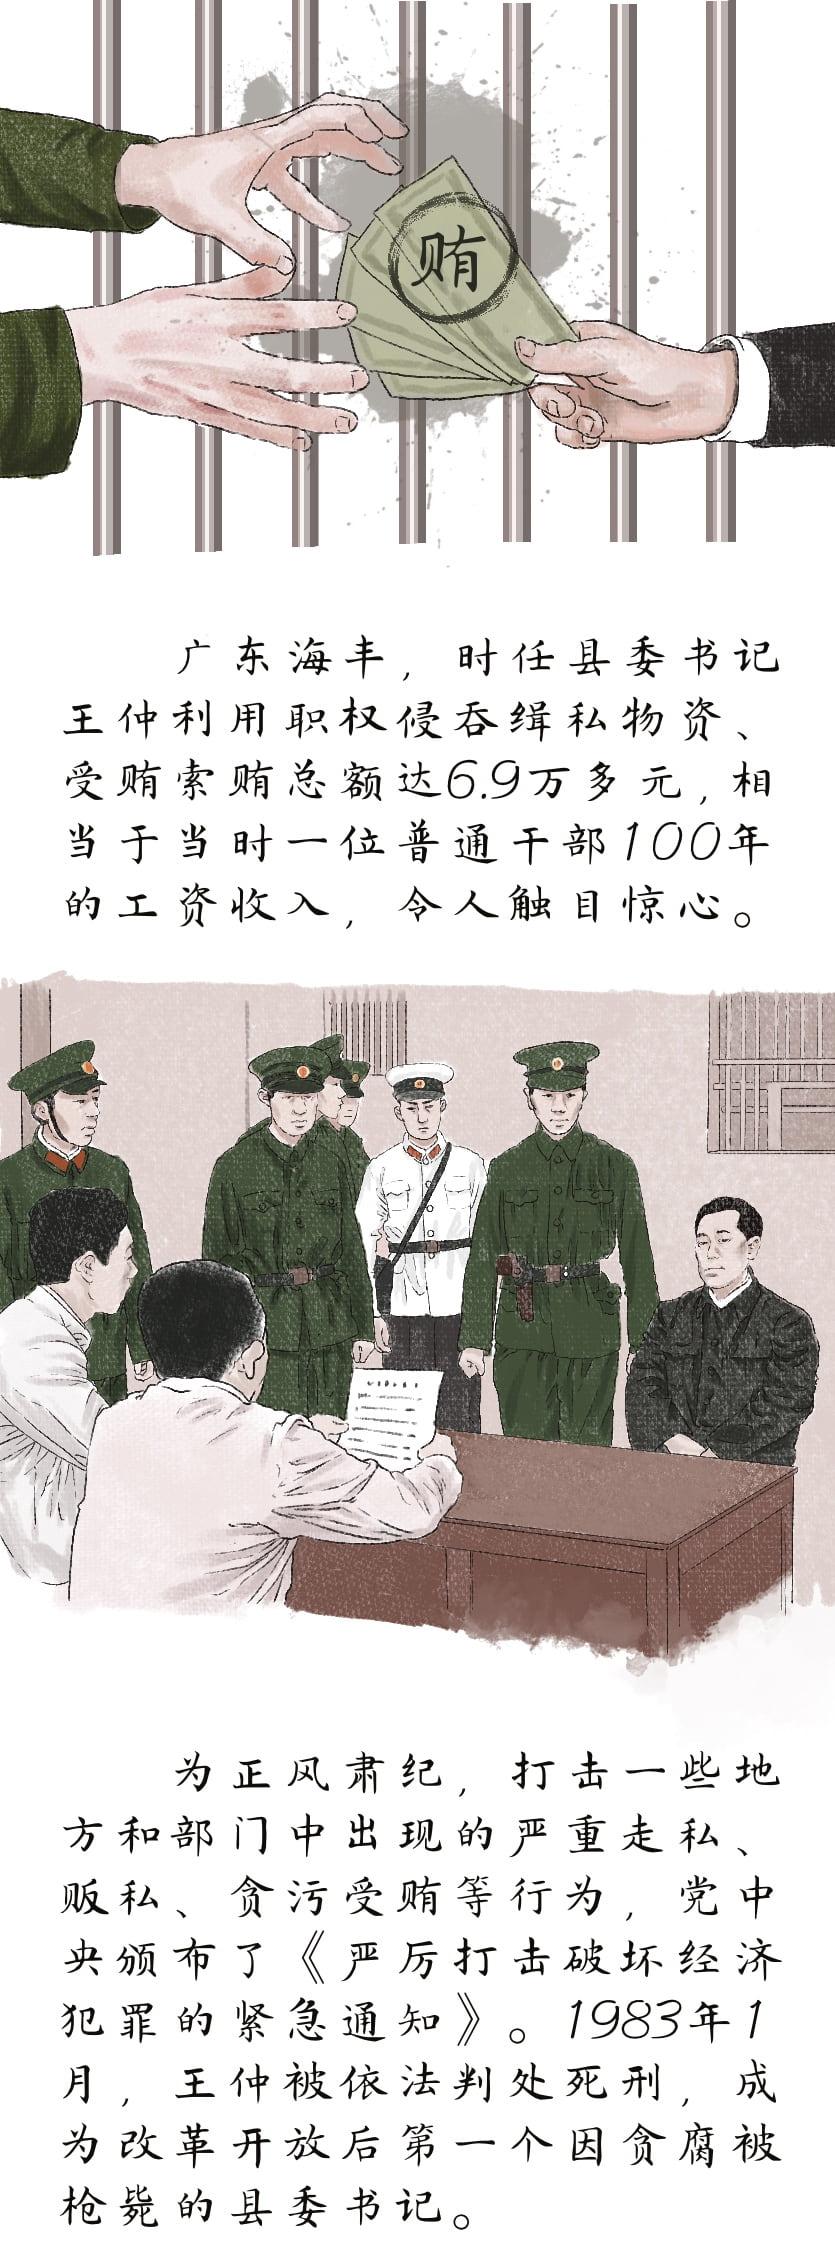 党史故事绘   中央纪律检查委员会恢复重建